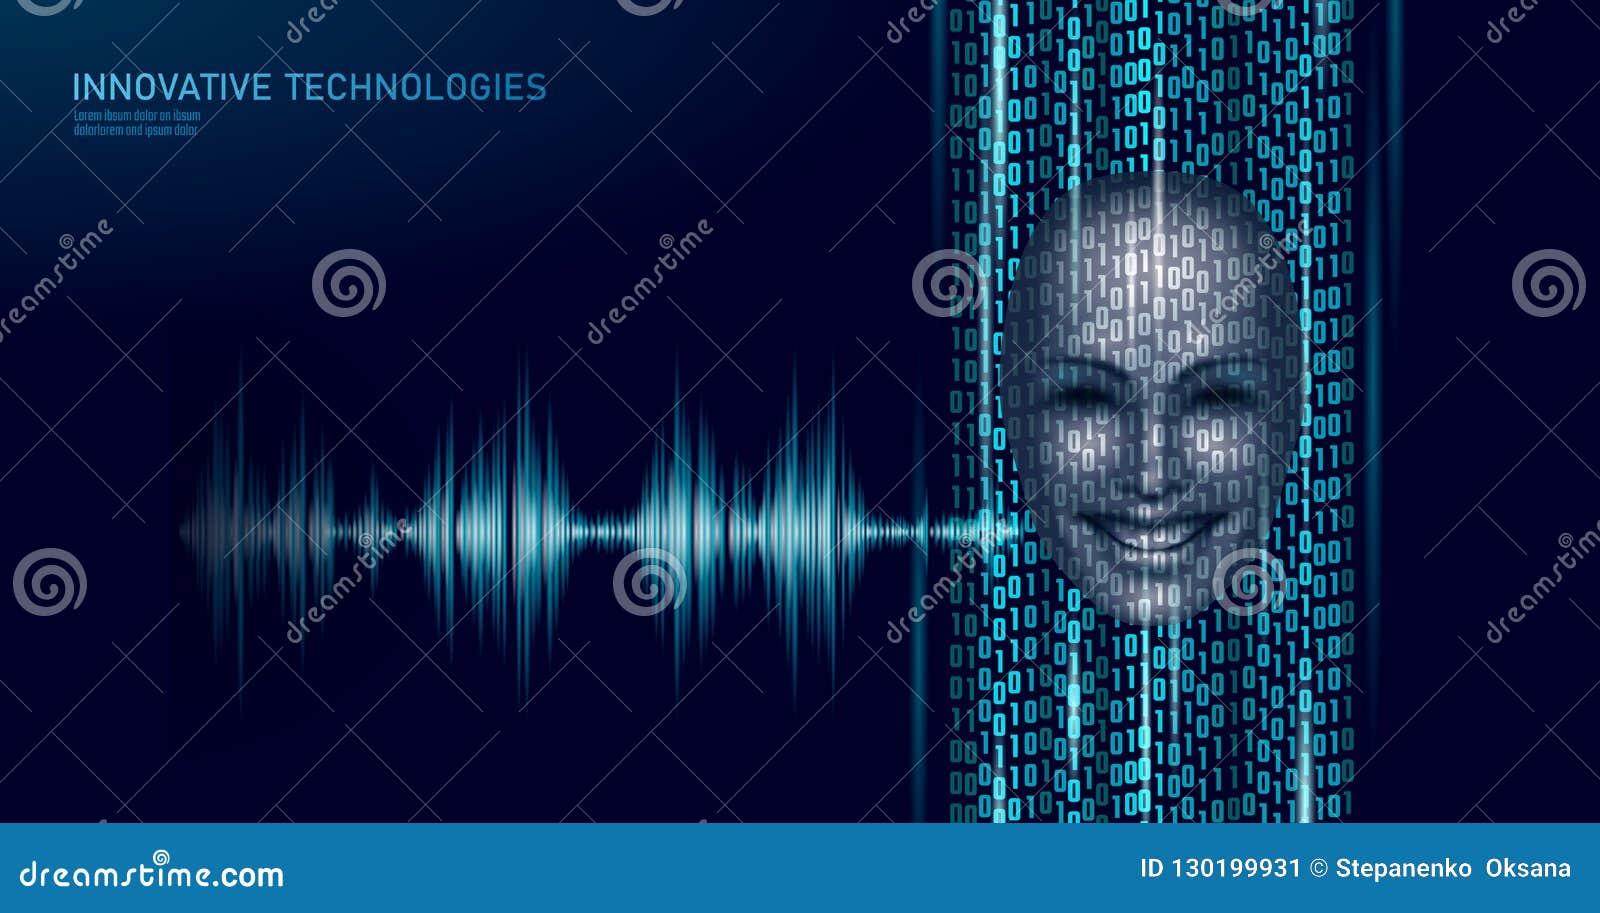 Virtuelles behilfliches Spracherkennungsservice-Technologiegeschäftskonzept Roboterhilfe künstlicher Intelligenz AI arbeiten